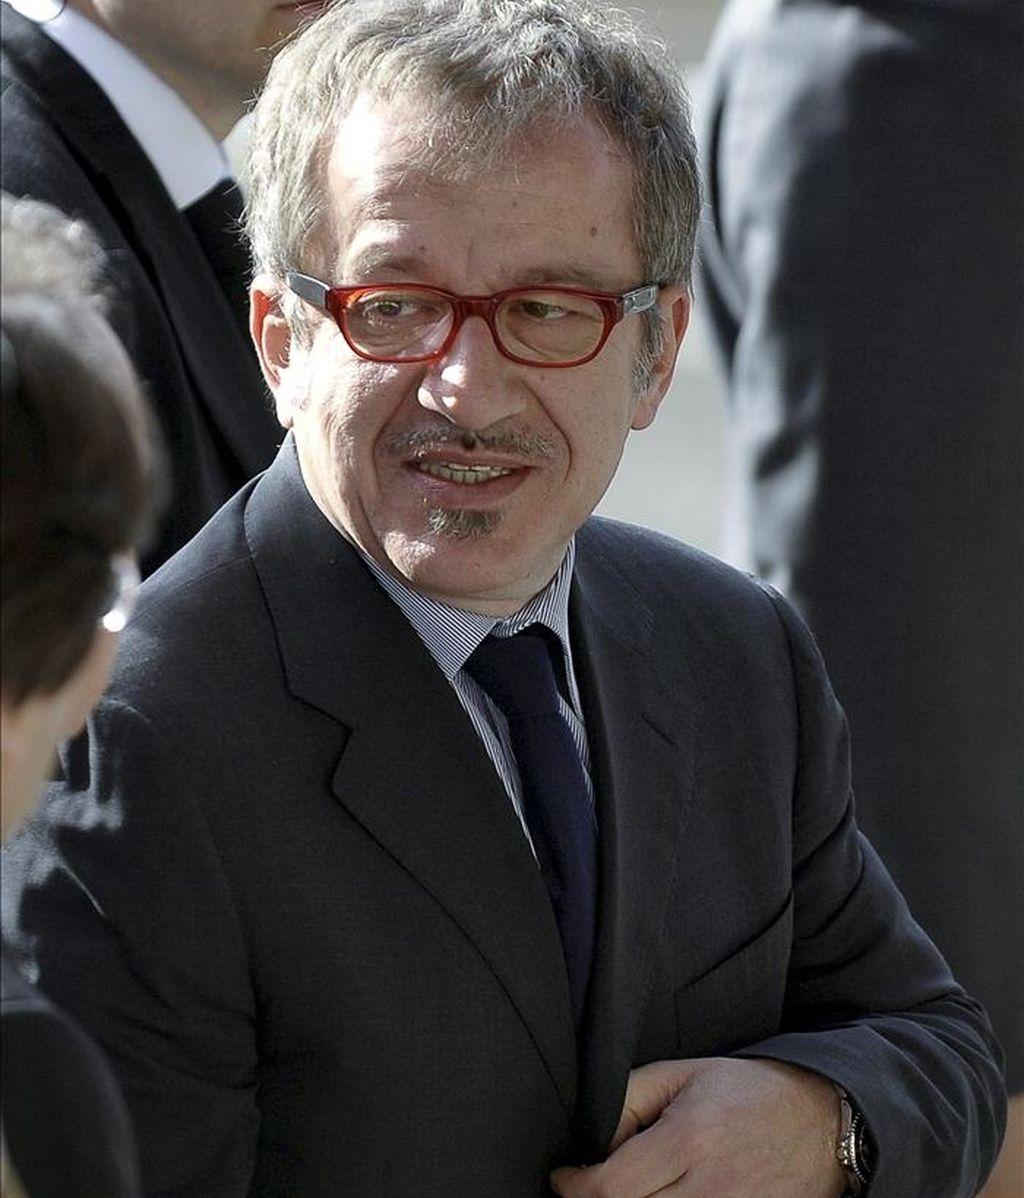 El ministro italiano del Interior, Roberto Maroni, llega a una reunión de los ministros de Interior y de Justicia de la UE en Luxemburgo. EFE